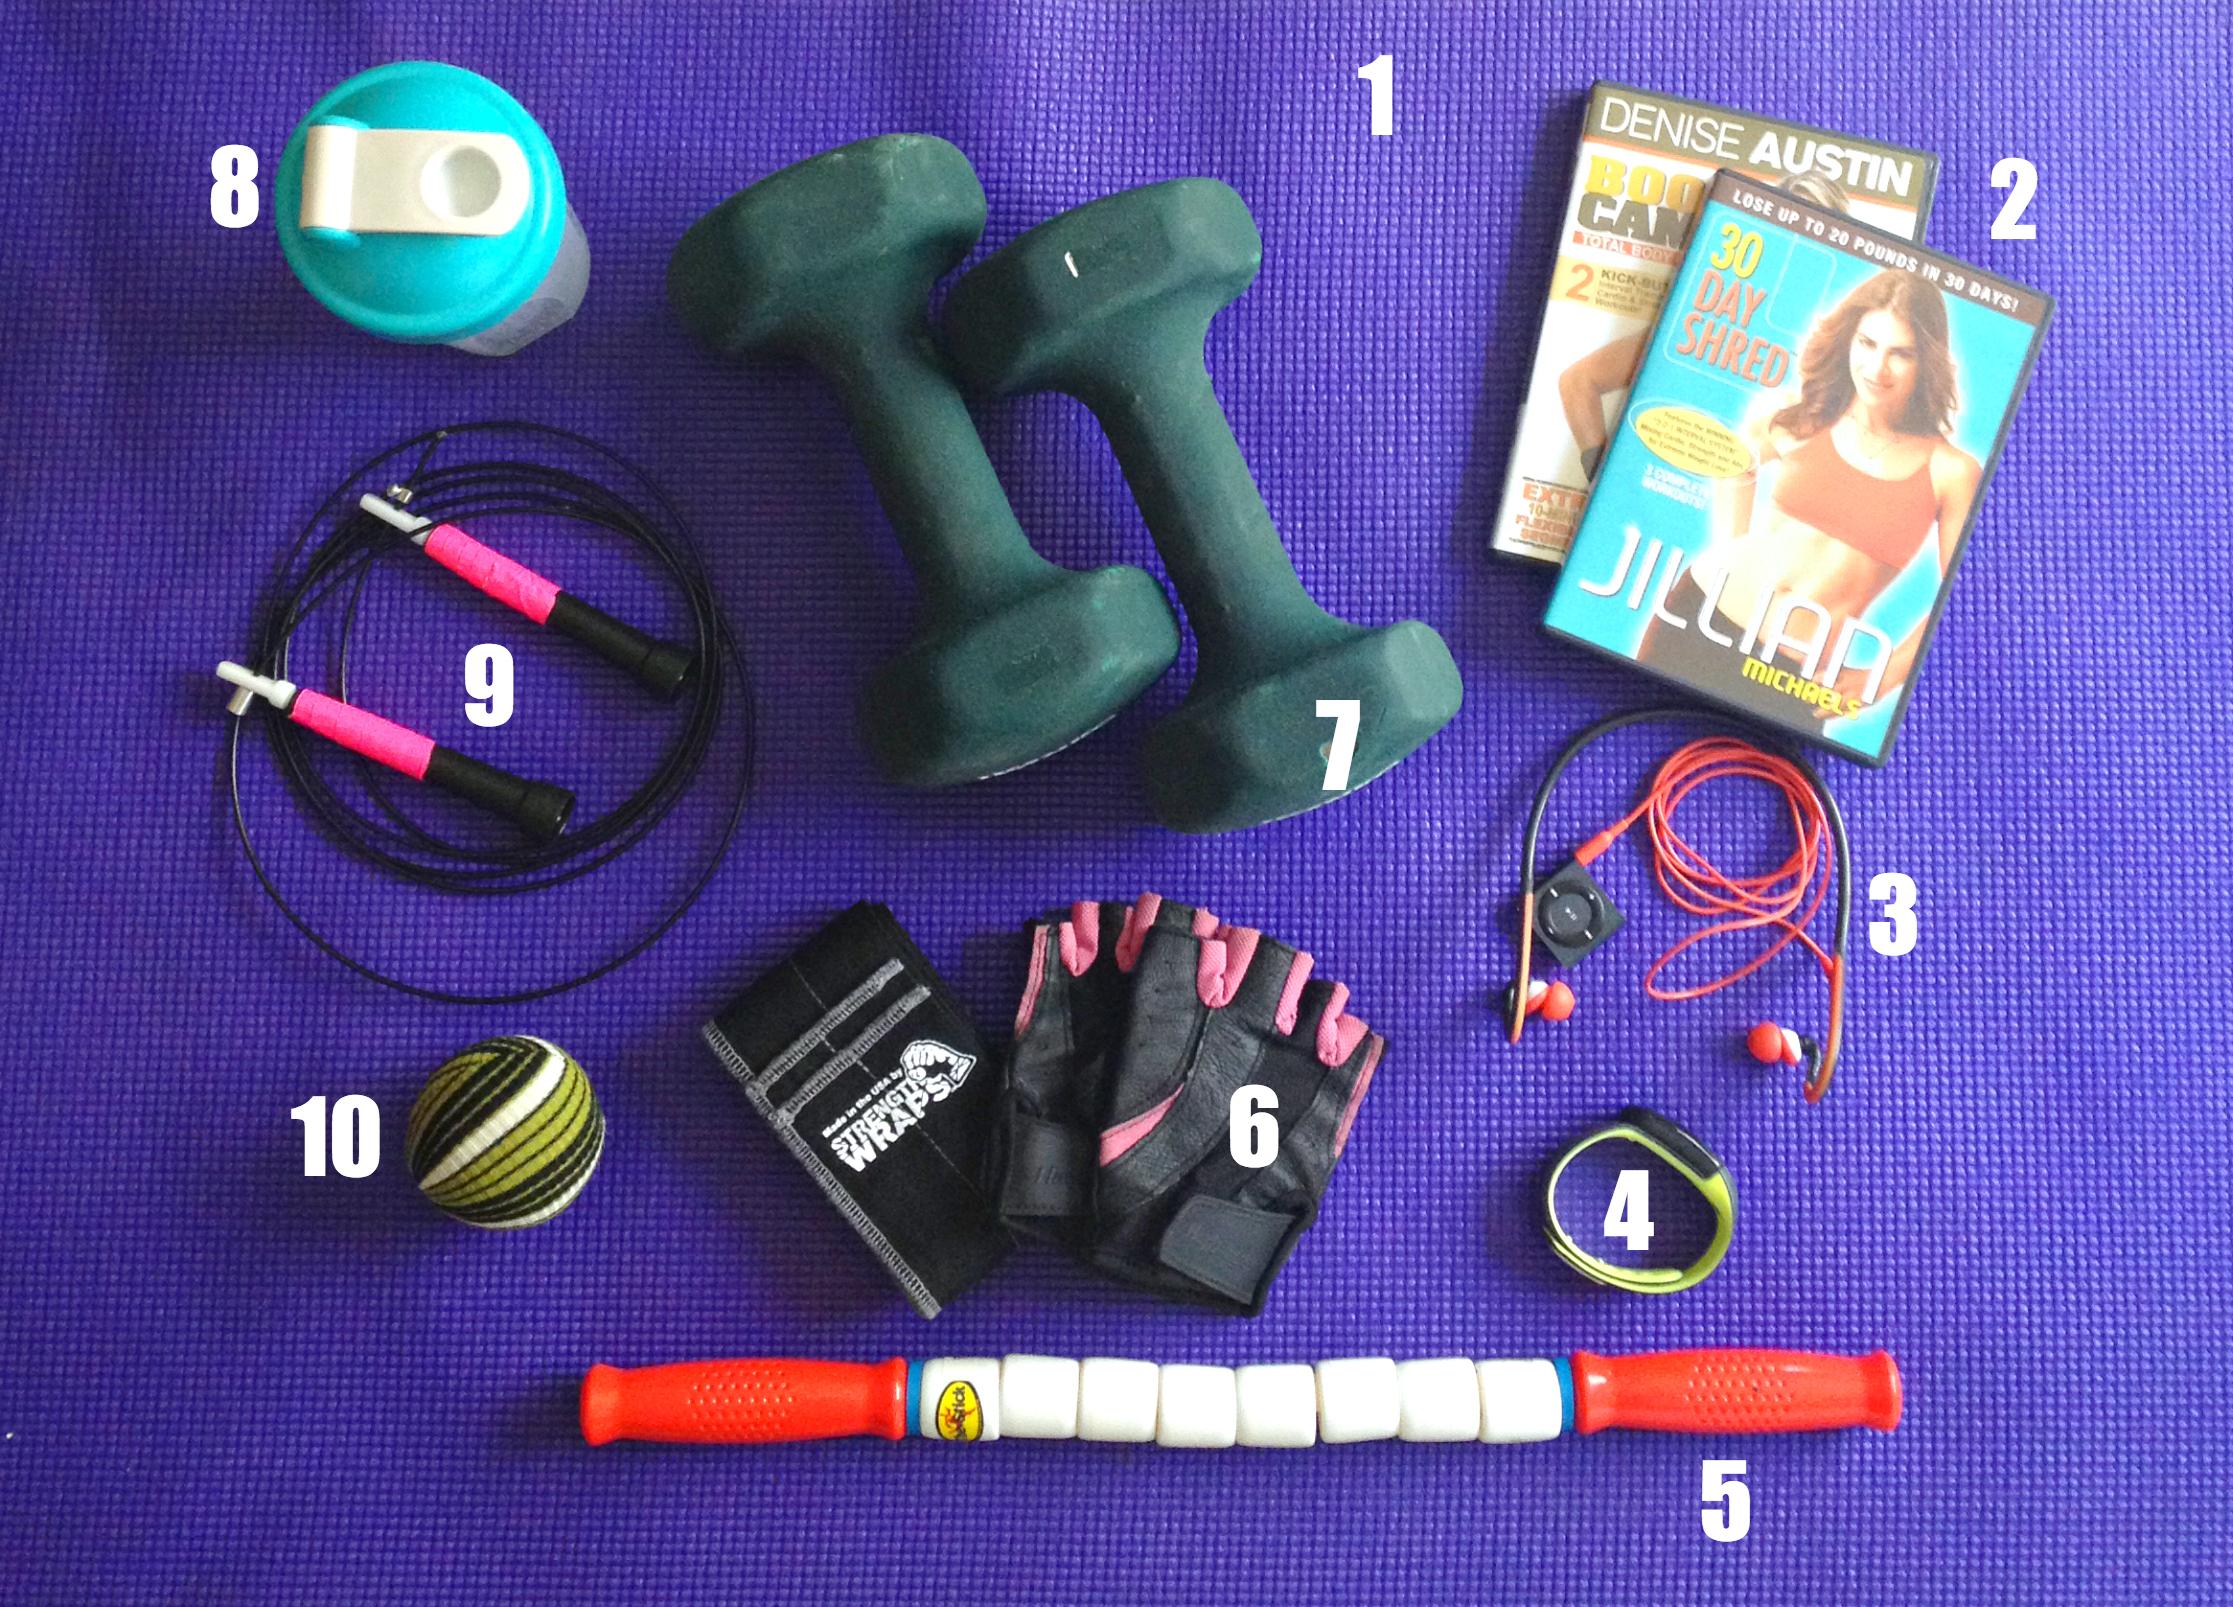 mojo fitness items 2